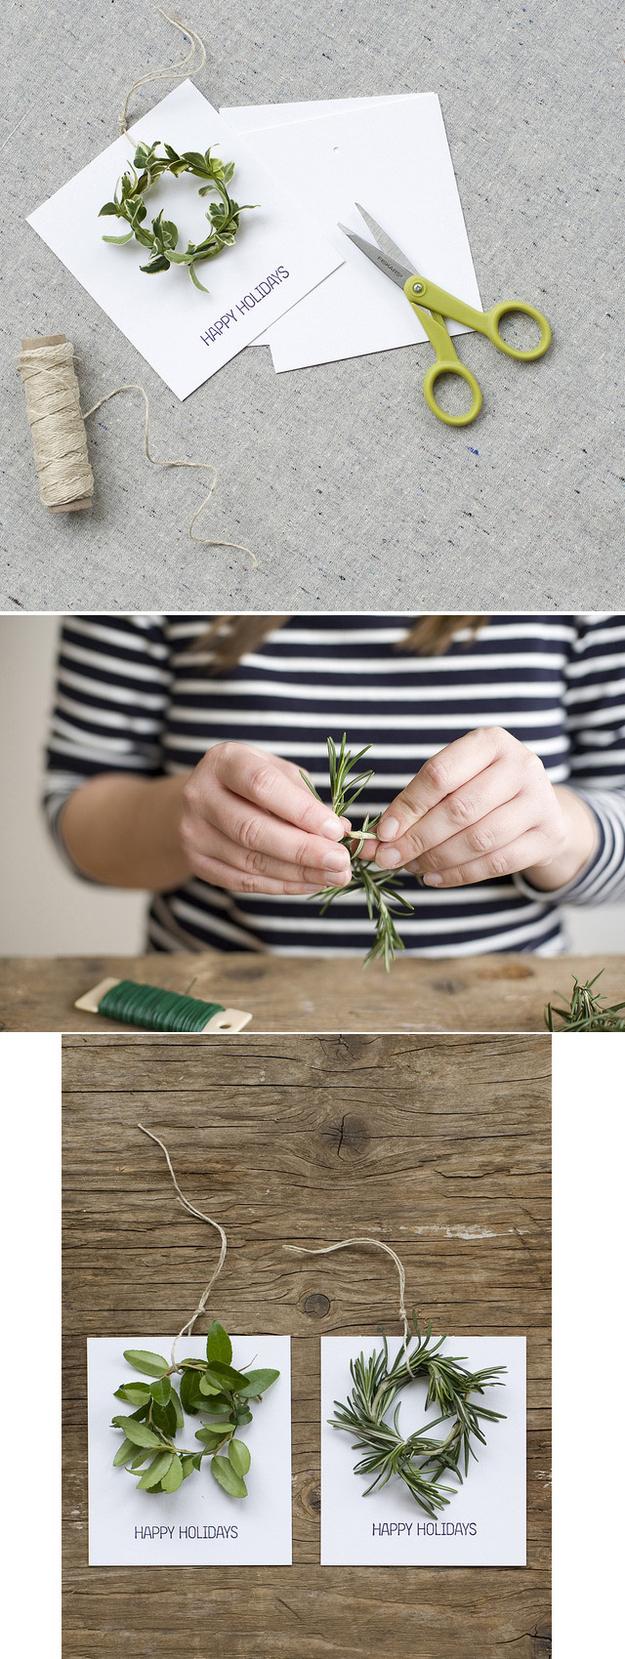 Ένα απλό στεφάνι διακοπών Κάρτα